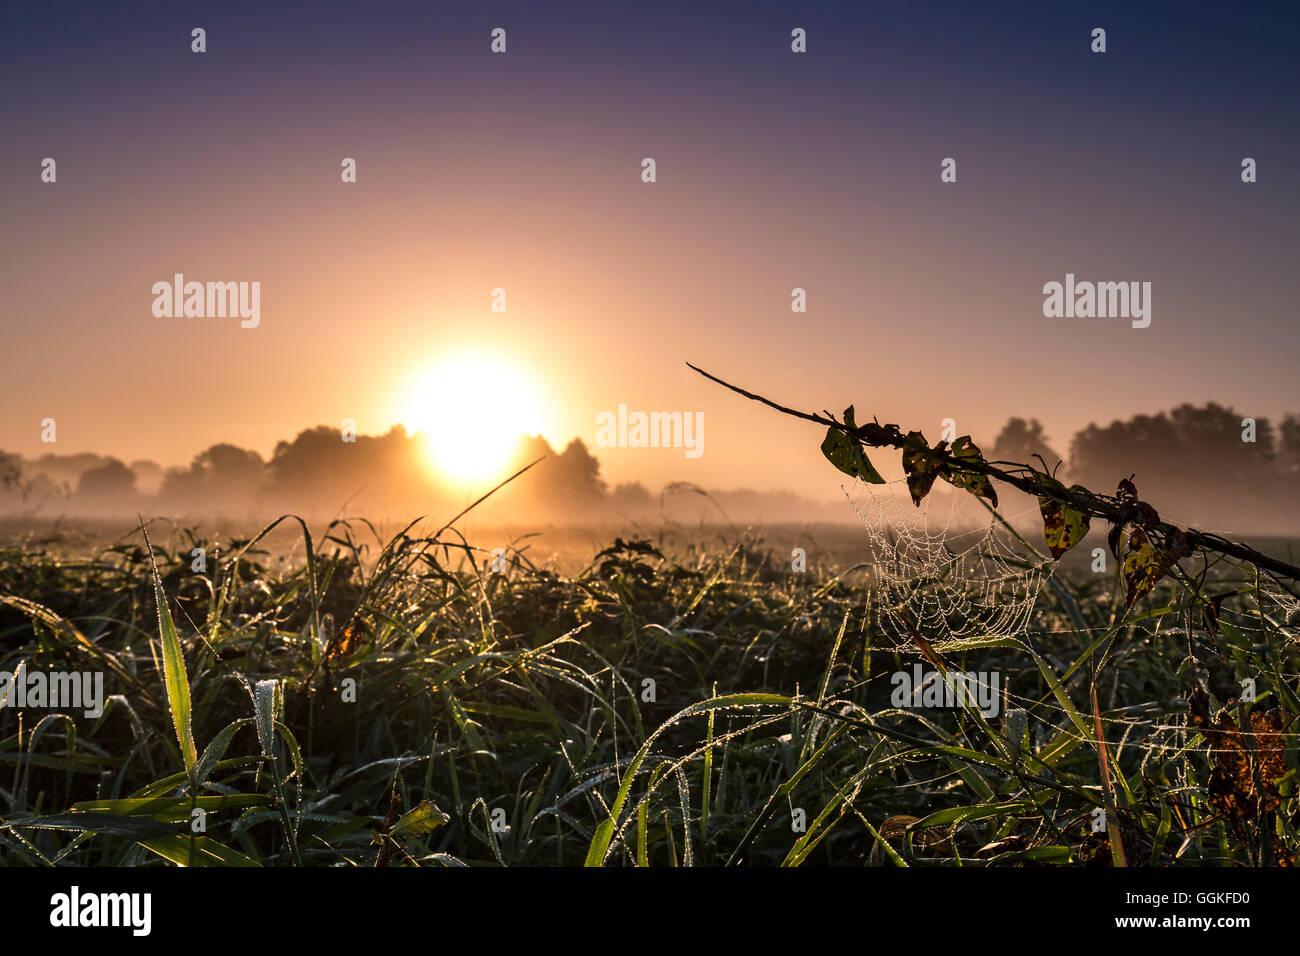 Sonnenaufgang in der Nähe von Worpswede, Teufelsmoor, Niedersachsen, Deutschland Stockbild